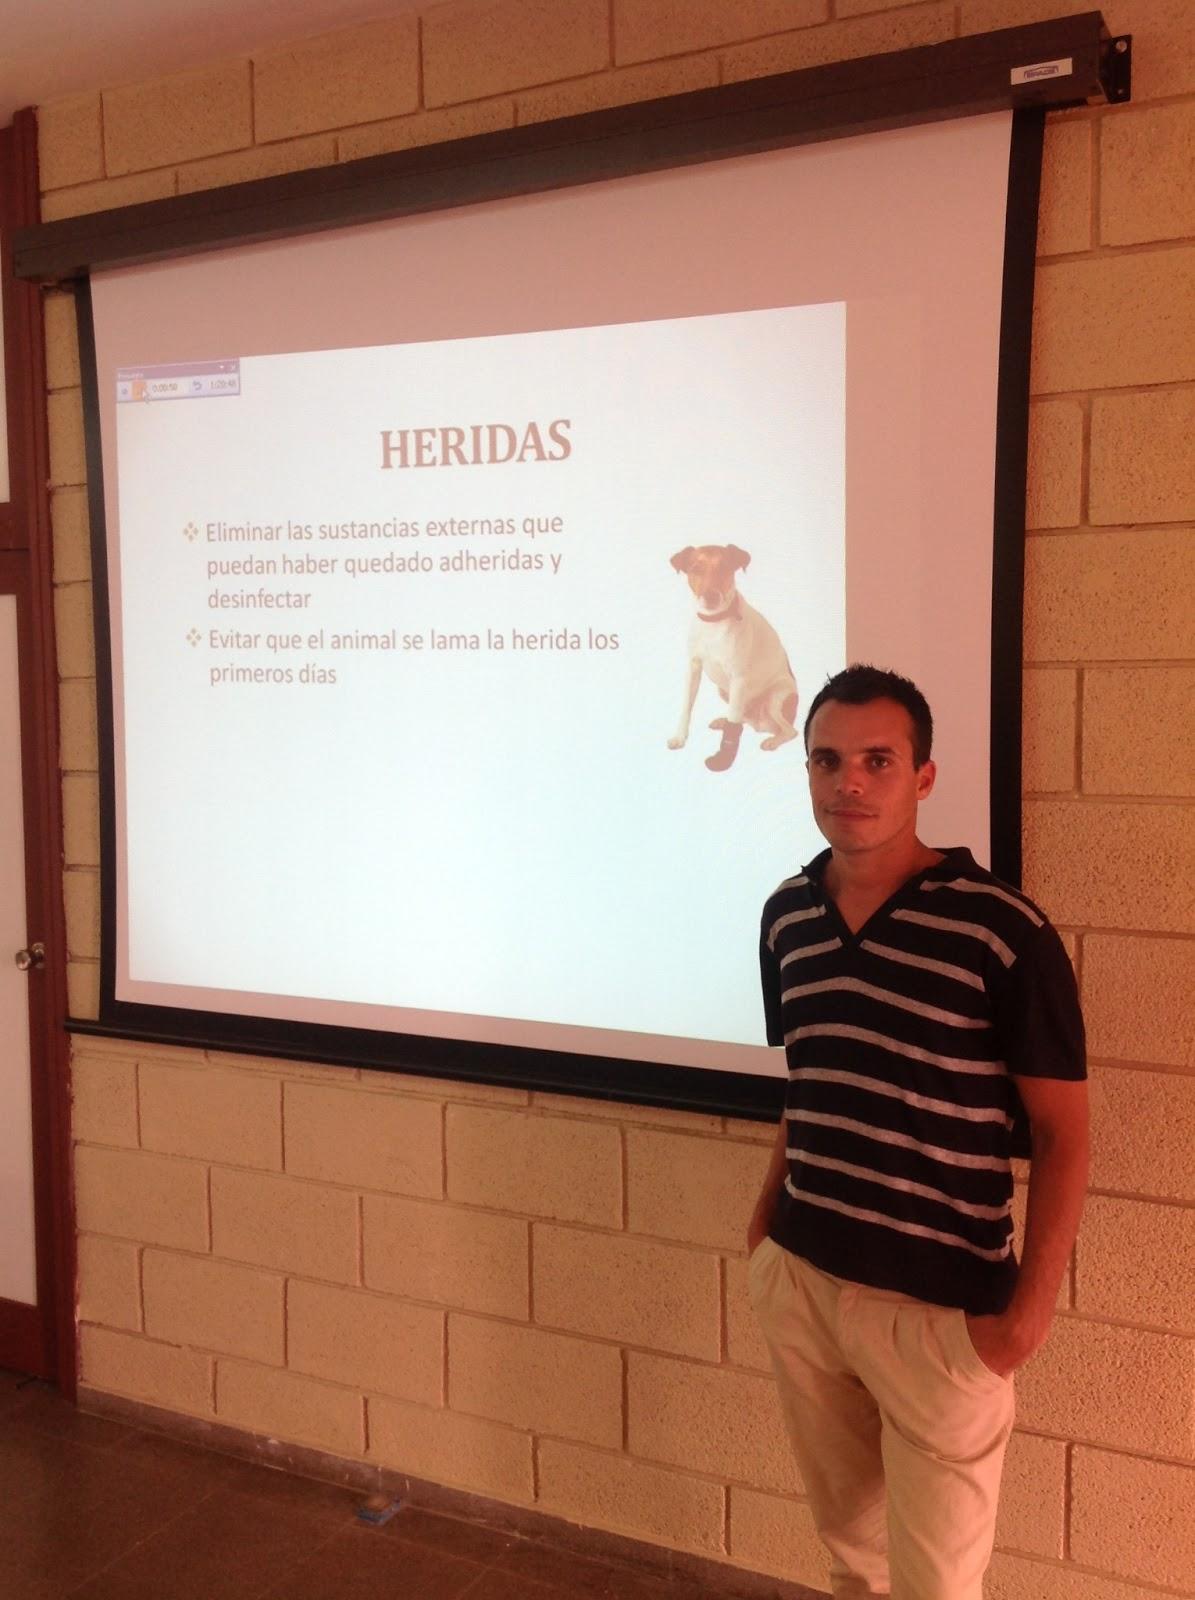 Isaco de Armas es uno de los encargados de impartir el Curso de Productos Veterinarios organizado por el Colegio Oficial de Farmacéuticos de Santa Cruz de Tenerife